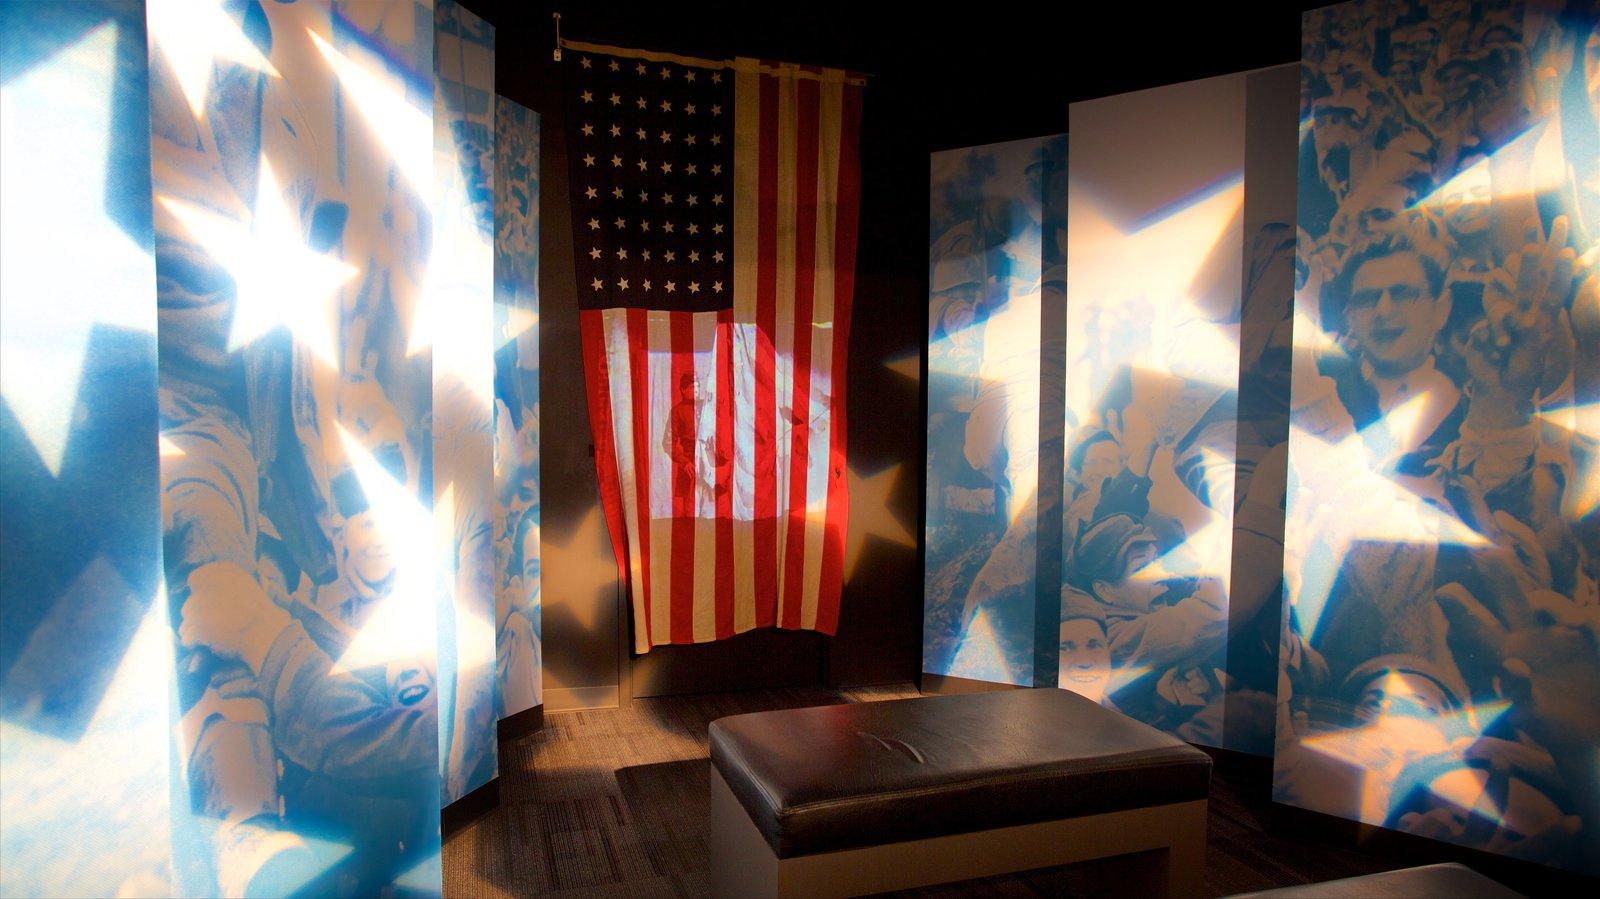 Museo Johnny Cash ofreciendo vistas interiores